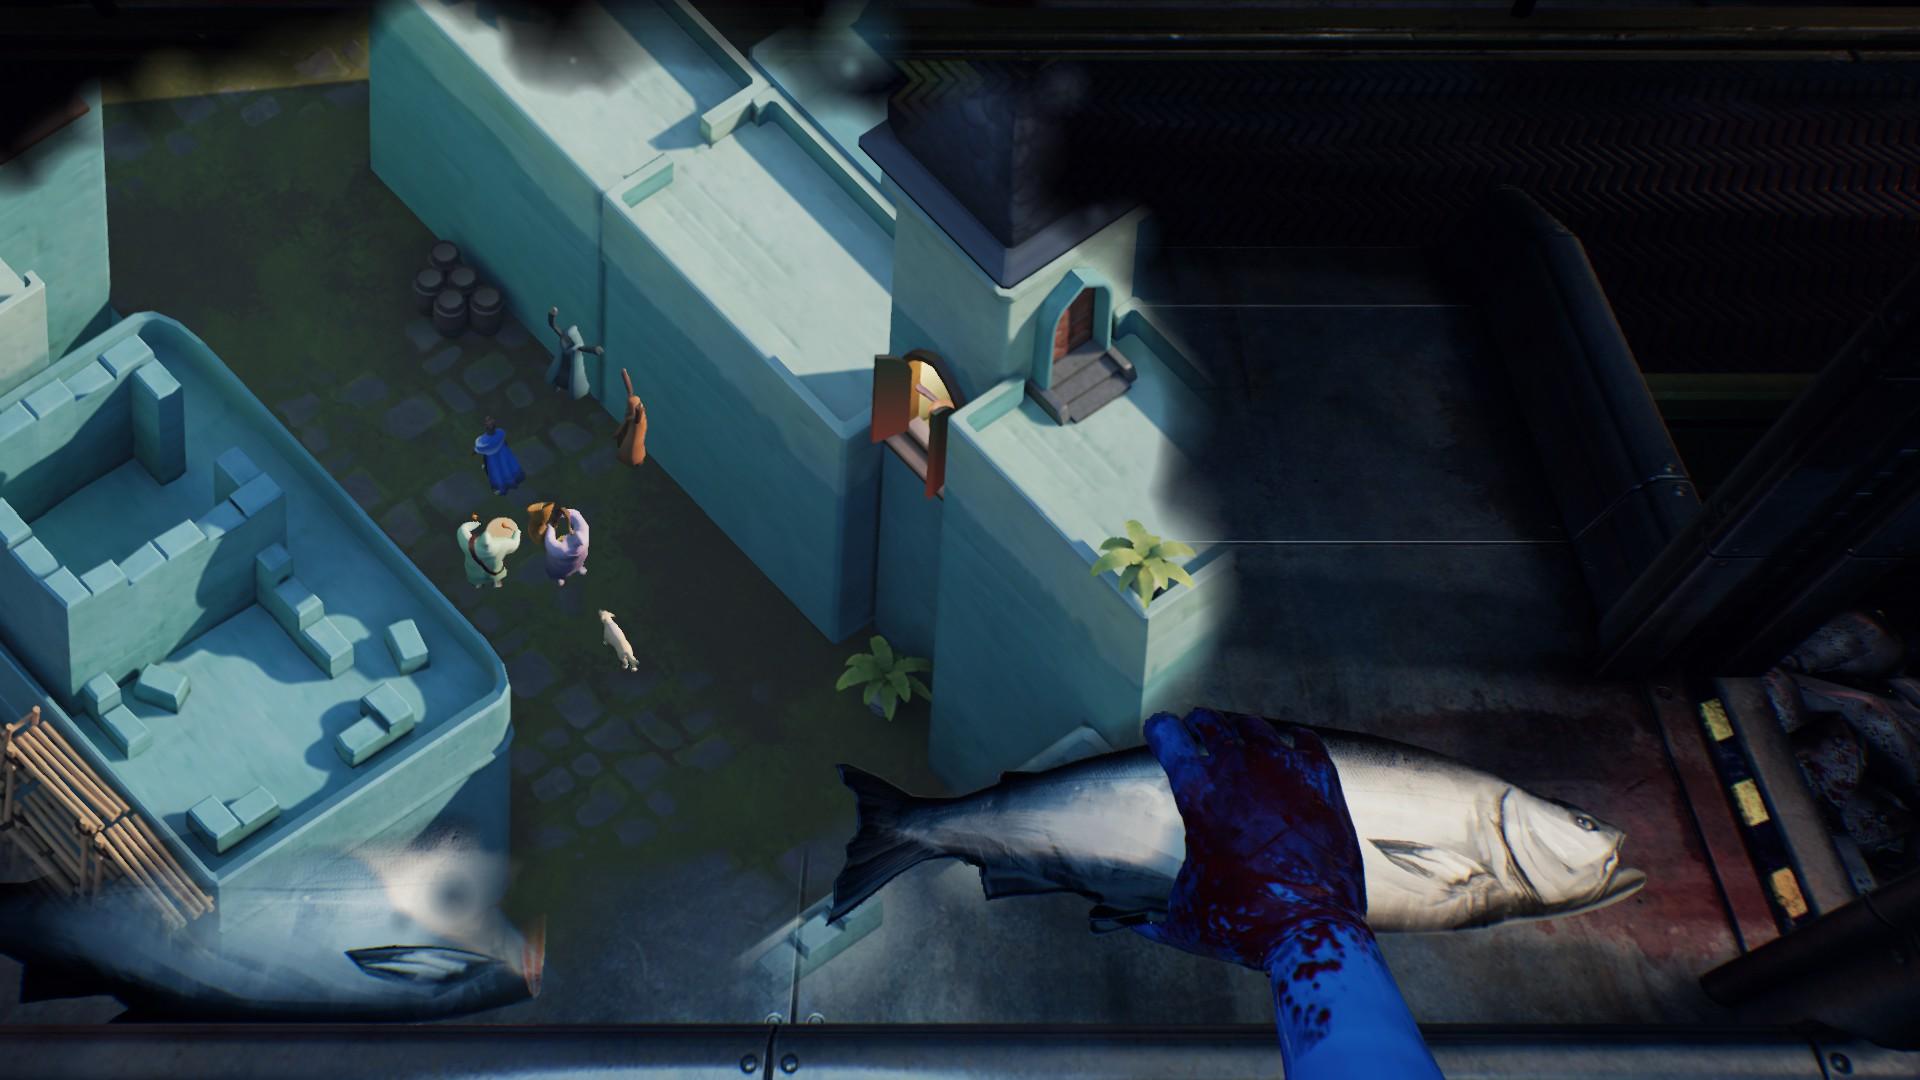 現実と空想の世界を描くミニゲーム。